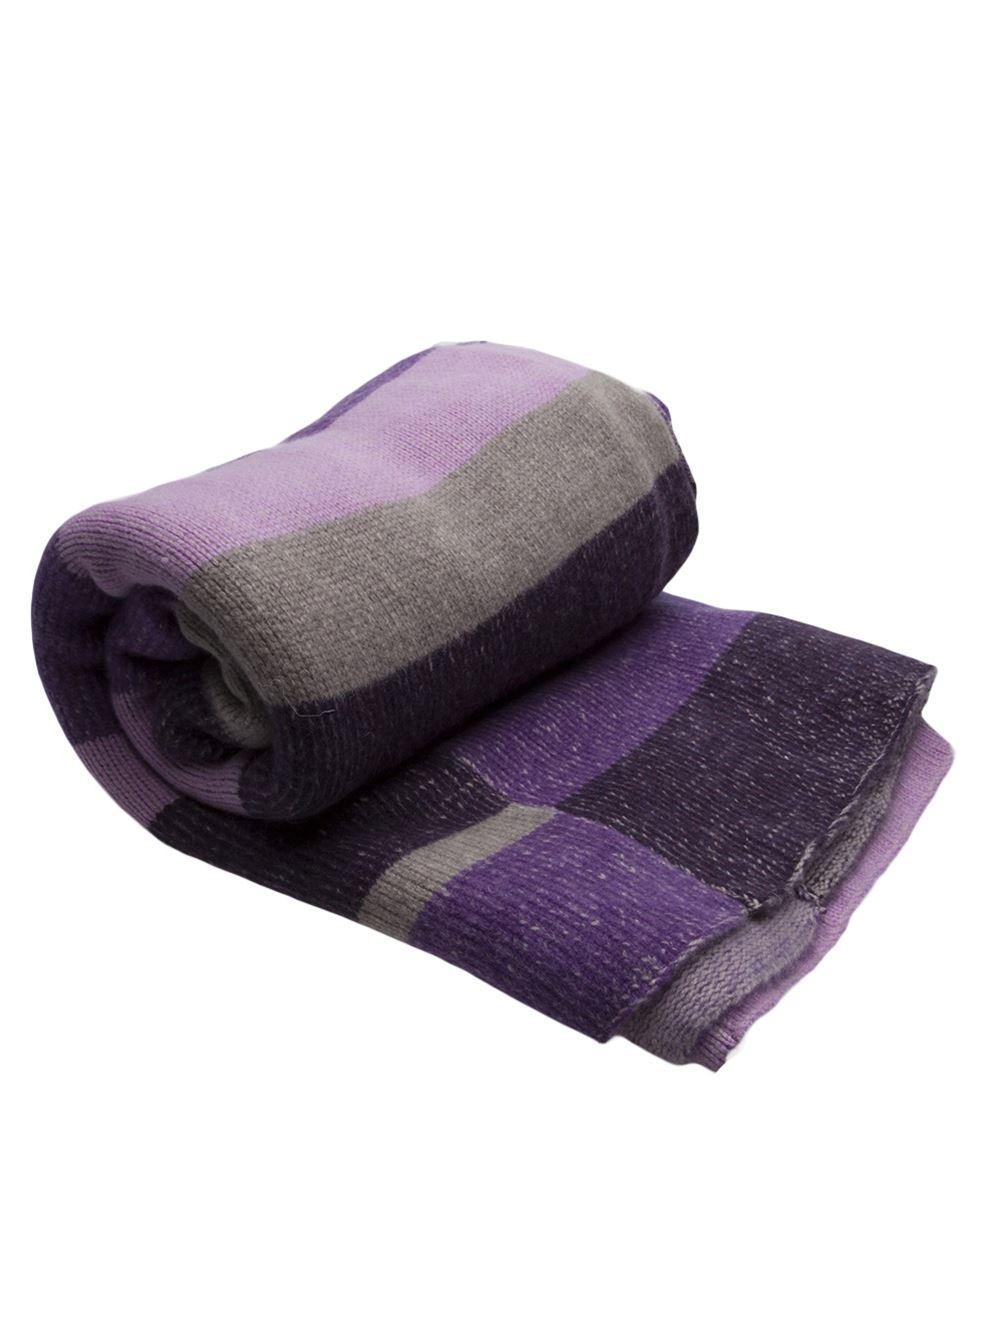 The Elder Statesman Cashmere Blanket $3,360